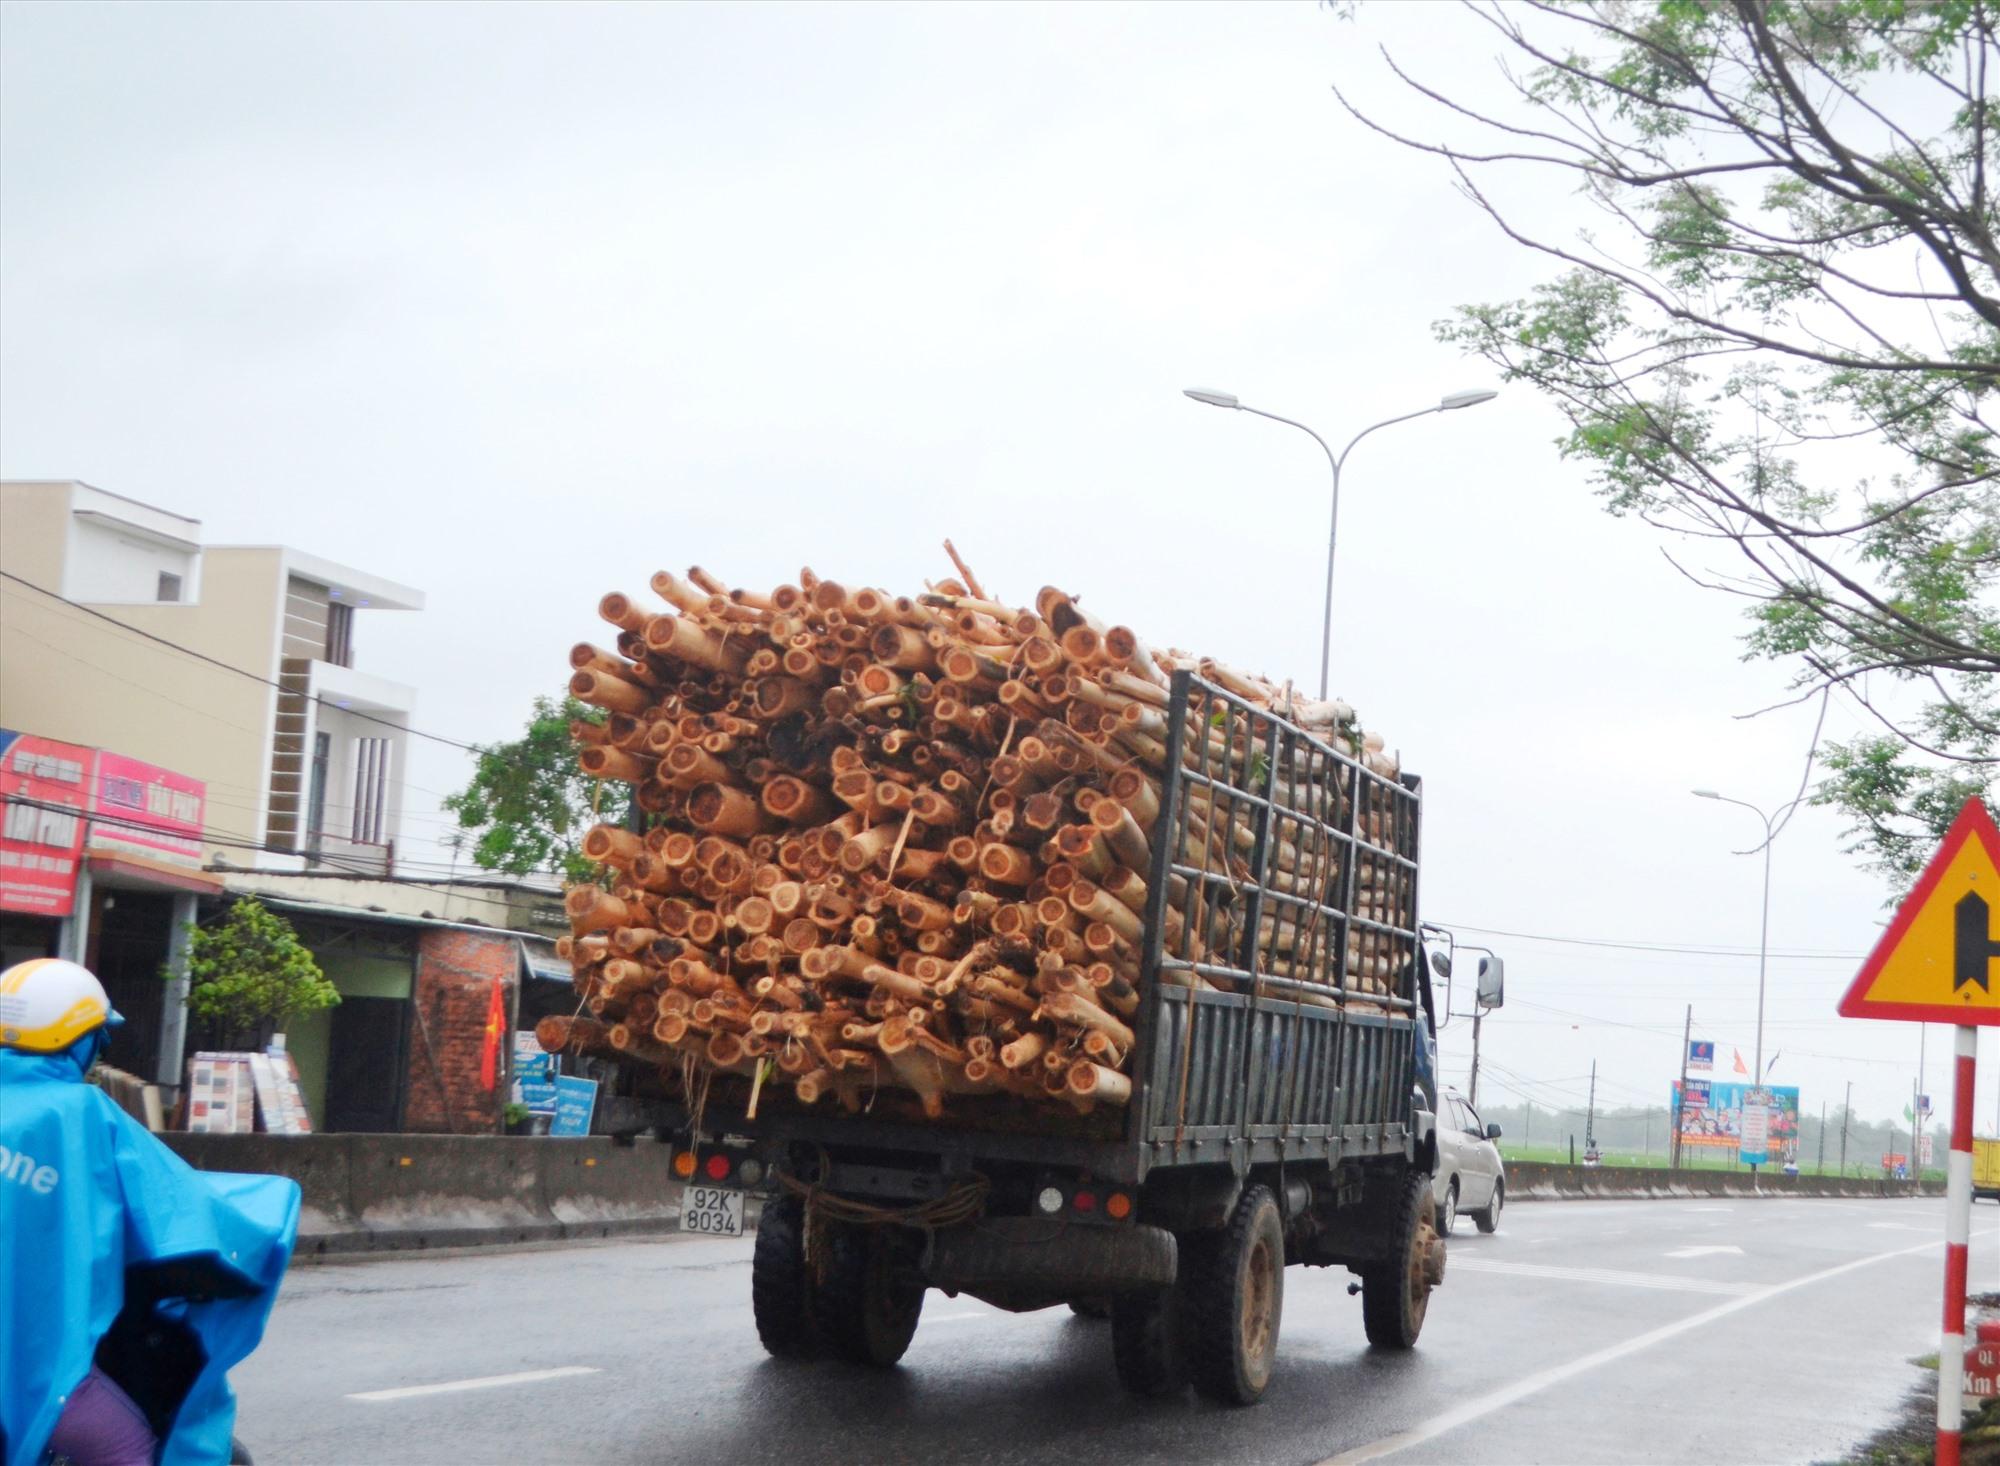 Xe tải chở keo quá kích thước thành thùng lưu thông trên quốc lộ 1, đoạn qua xã Tam Xuân 1, Núi Thành. Ảnh: K.K